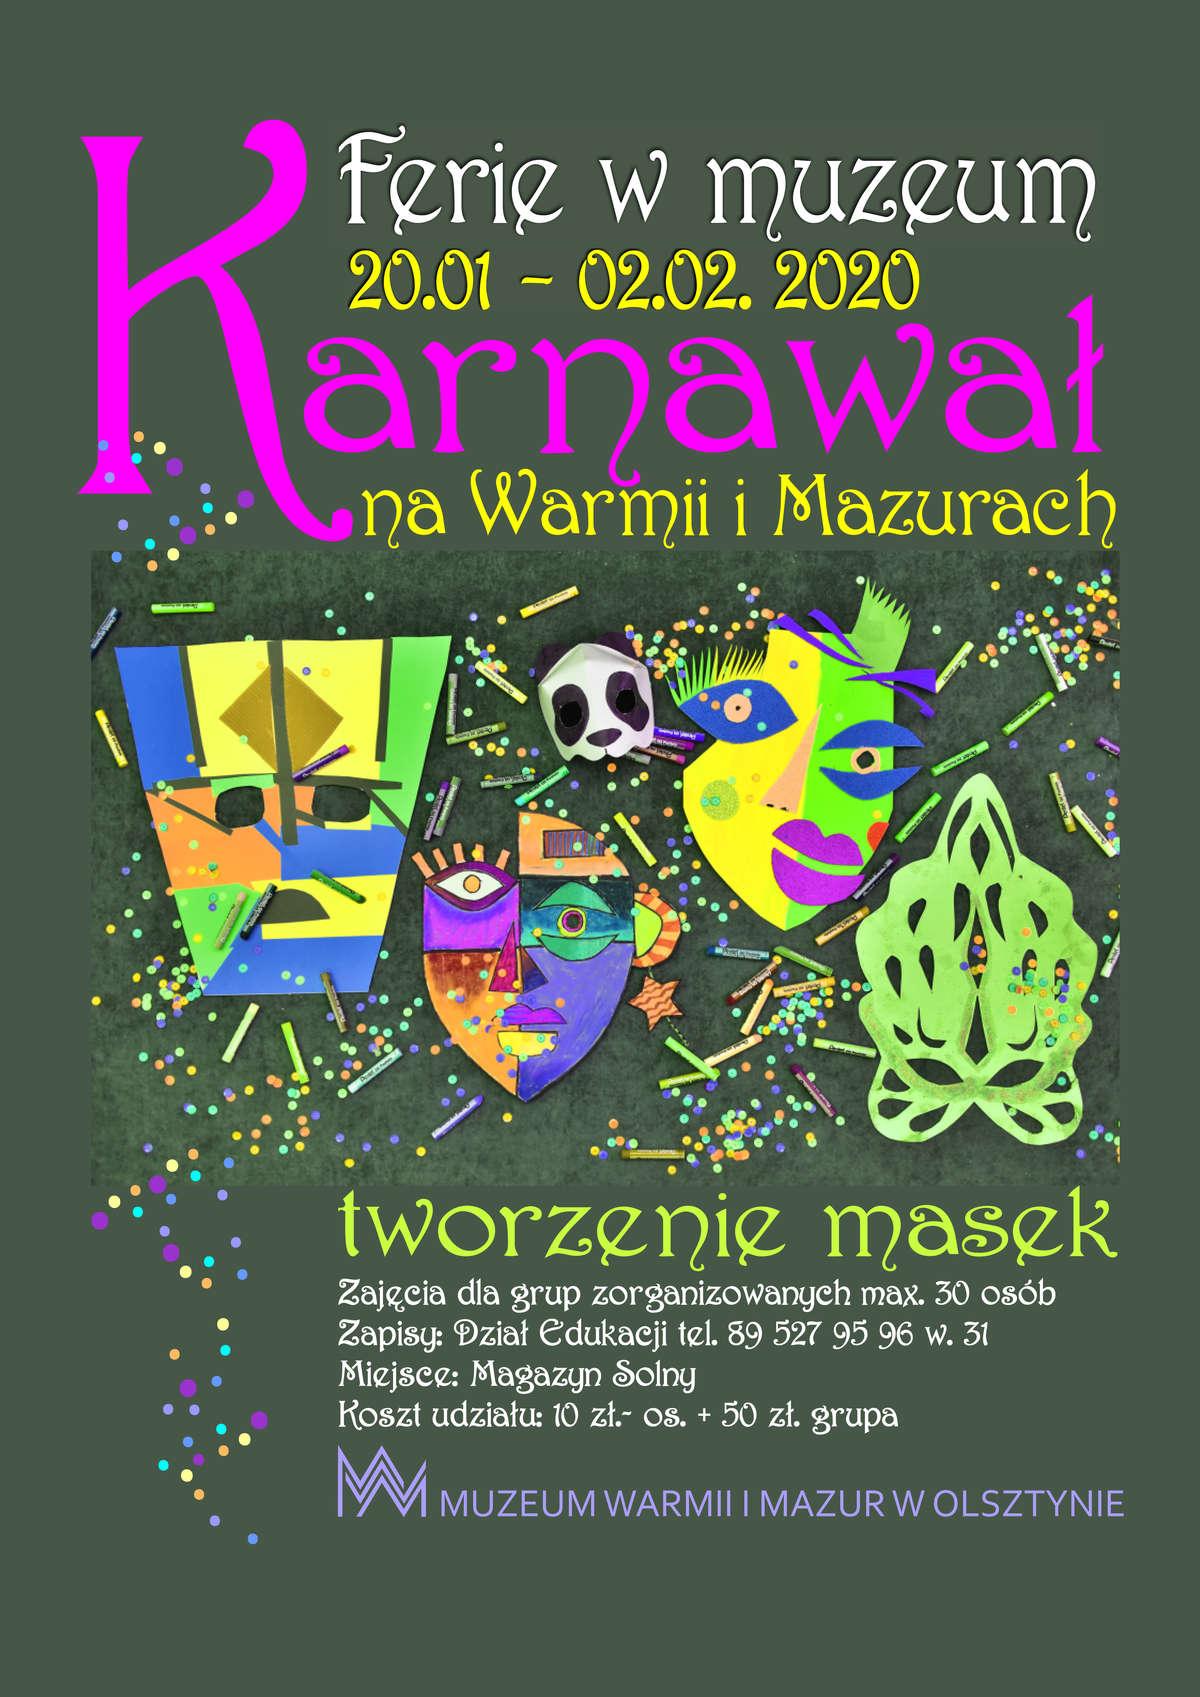 Ferie 2020 w Muzeum Warmii i Mazur - full image